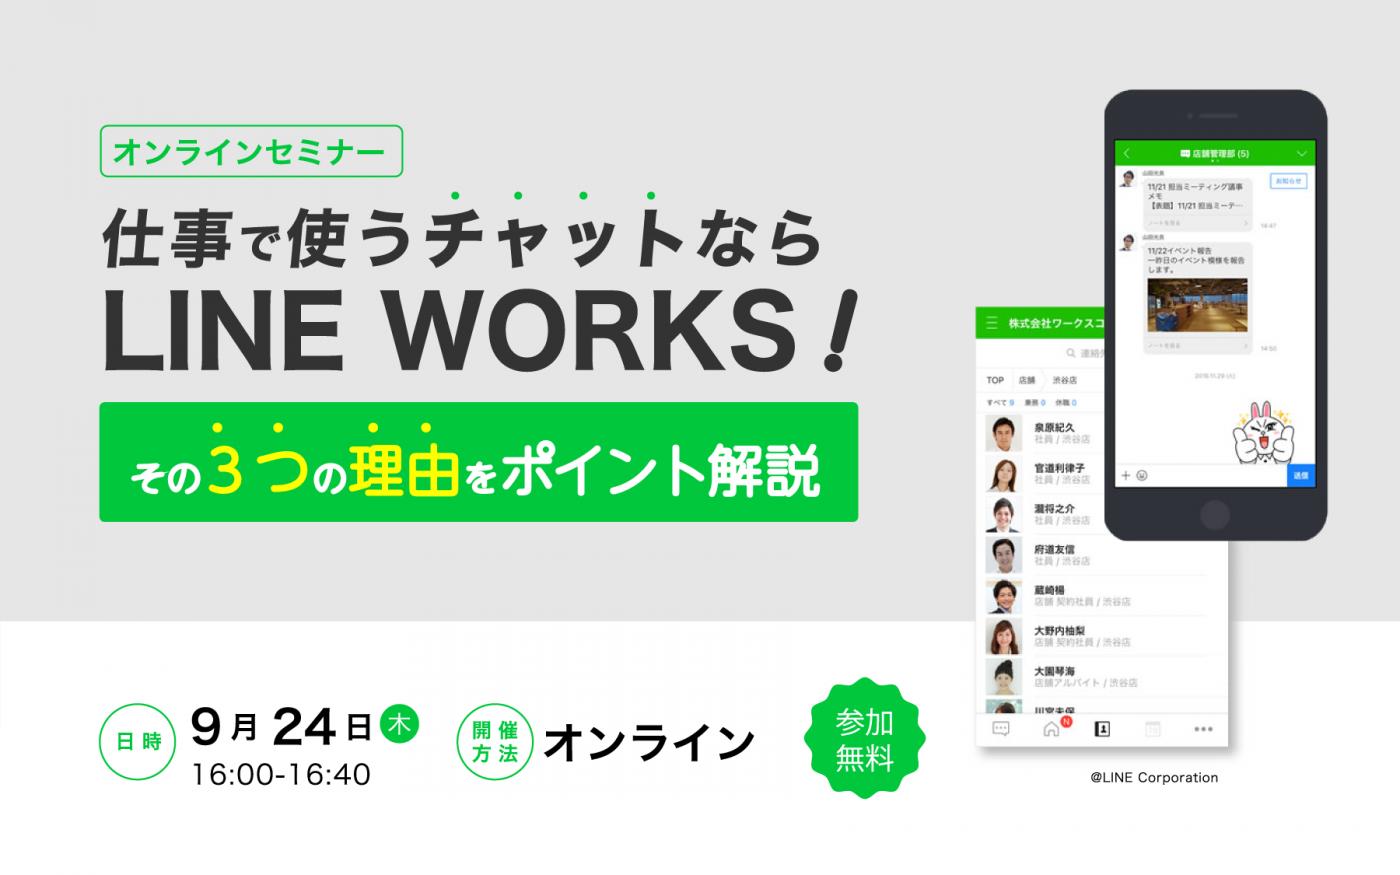 [WEBセミナー開催]仕事で使うチャットならLINE WORKS!その3つの理由をポイント解説